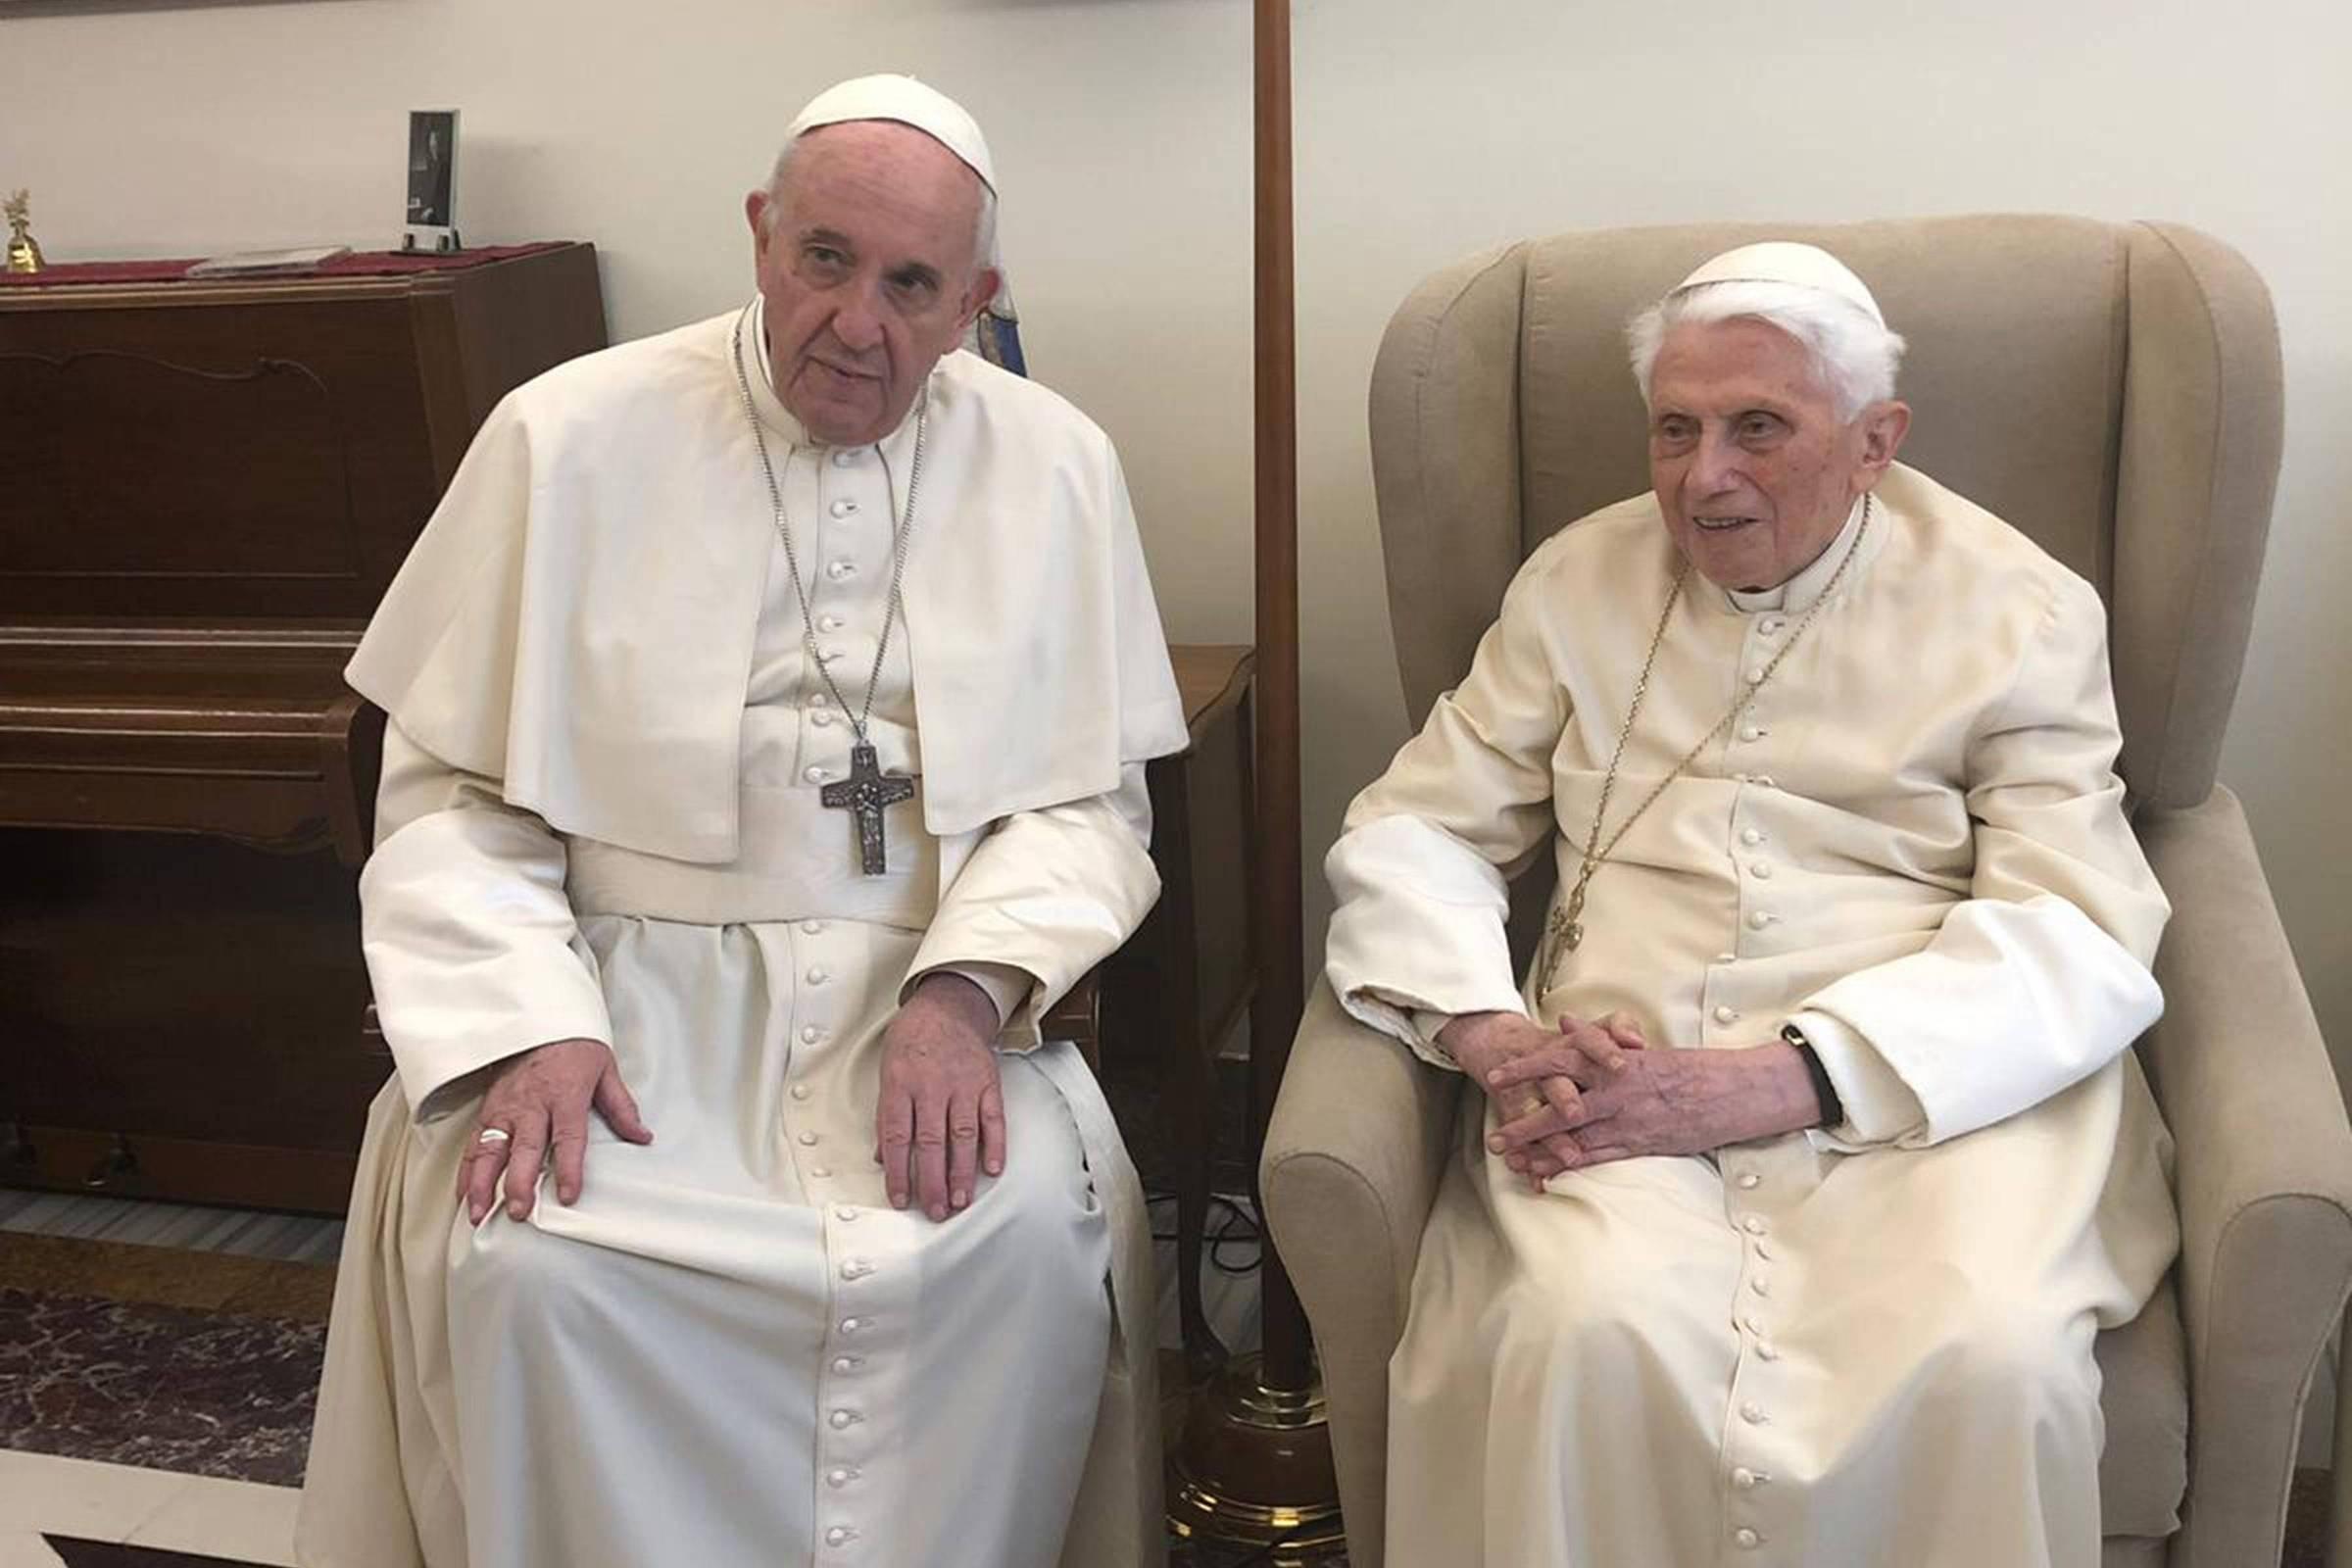 Carta de Bento 16 expõe conflito de visões com Igreja de Francisco